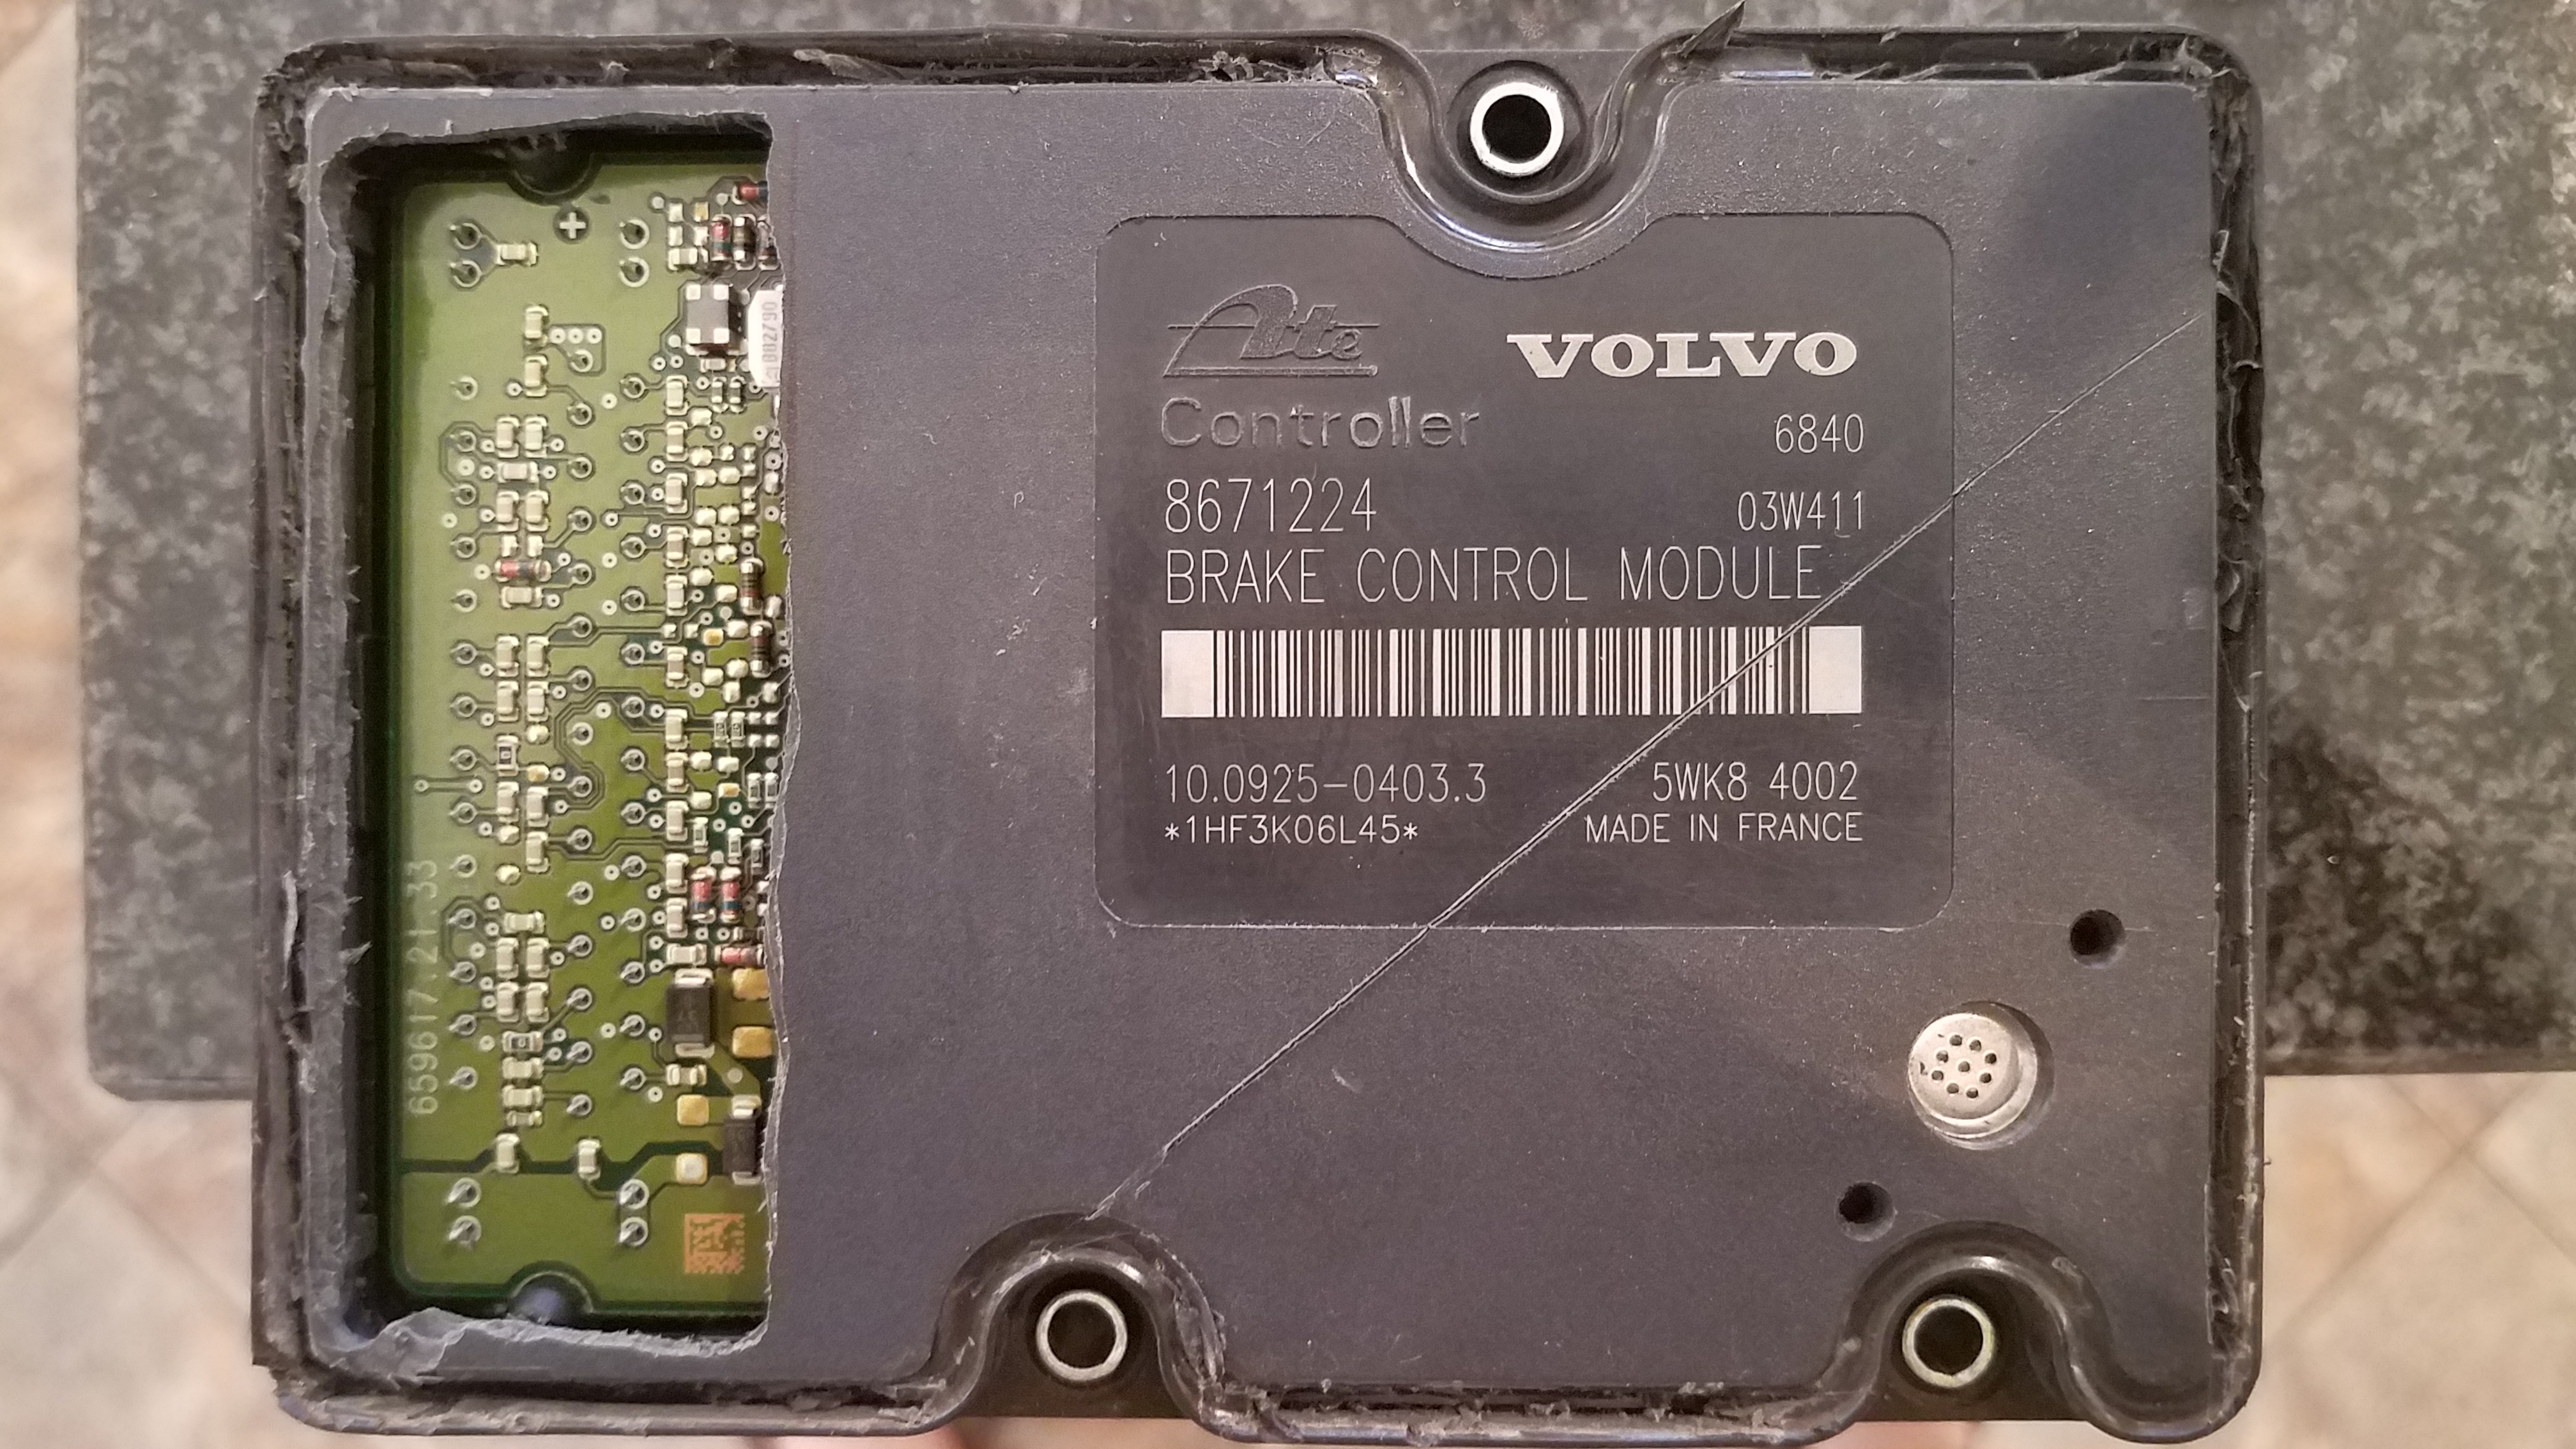 2004 V70 Repair of 8671224 Brake Control Module, BCM